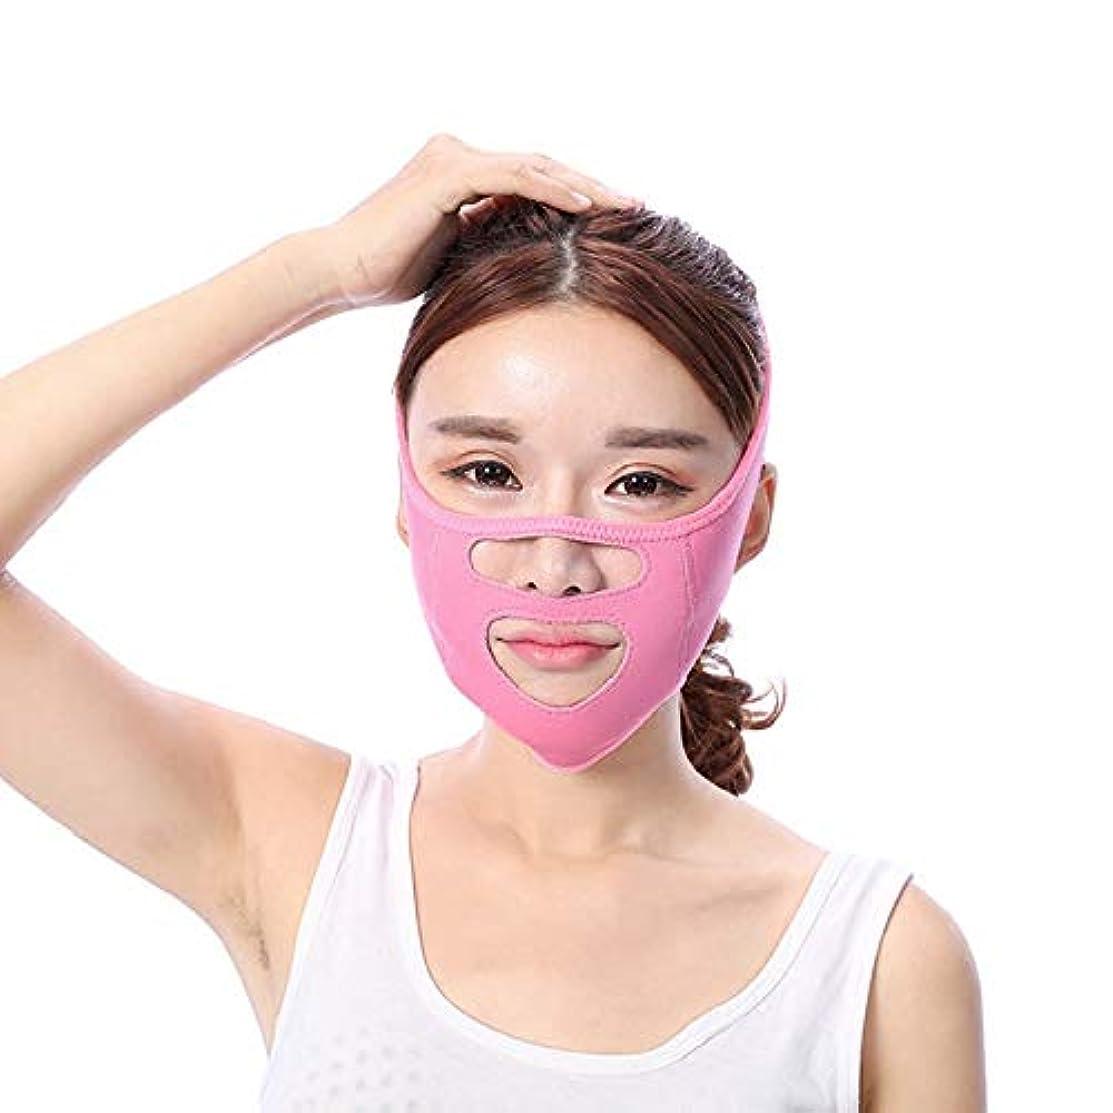 脅かす対ソファー顔の持ち上がる痩身ベルト - あなたの顔のための素晴らしいトレーニング二重あごのワークアウトフェイスマスクベルト薄い顔包帯整形マスクは顔と首を締めますフェイススリム